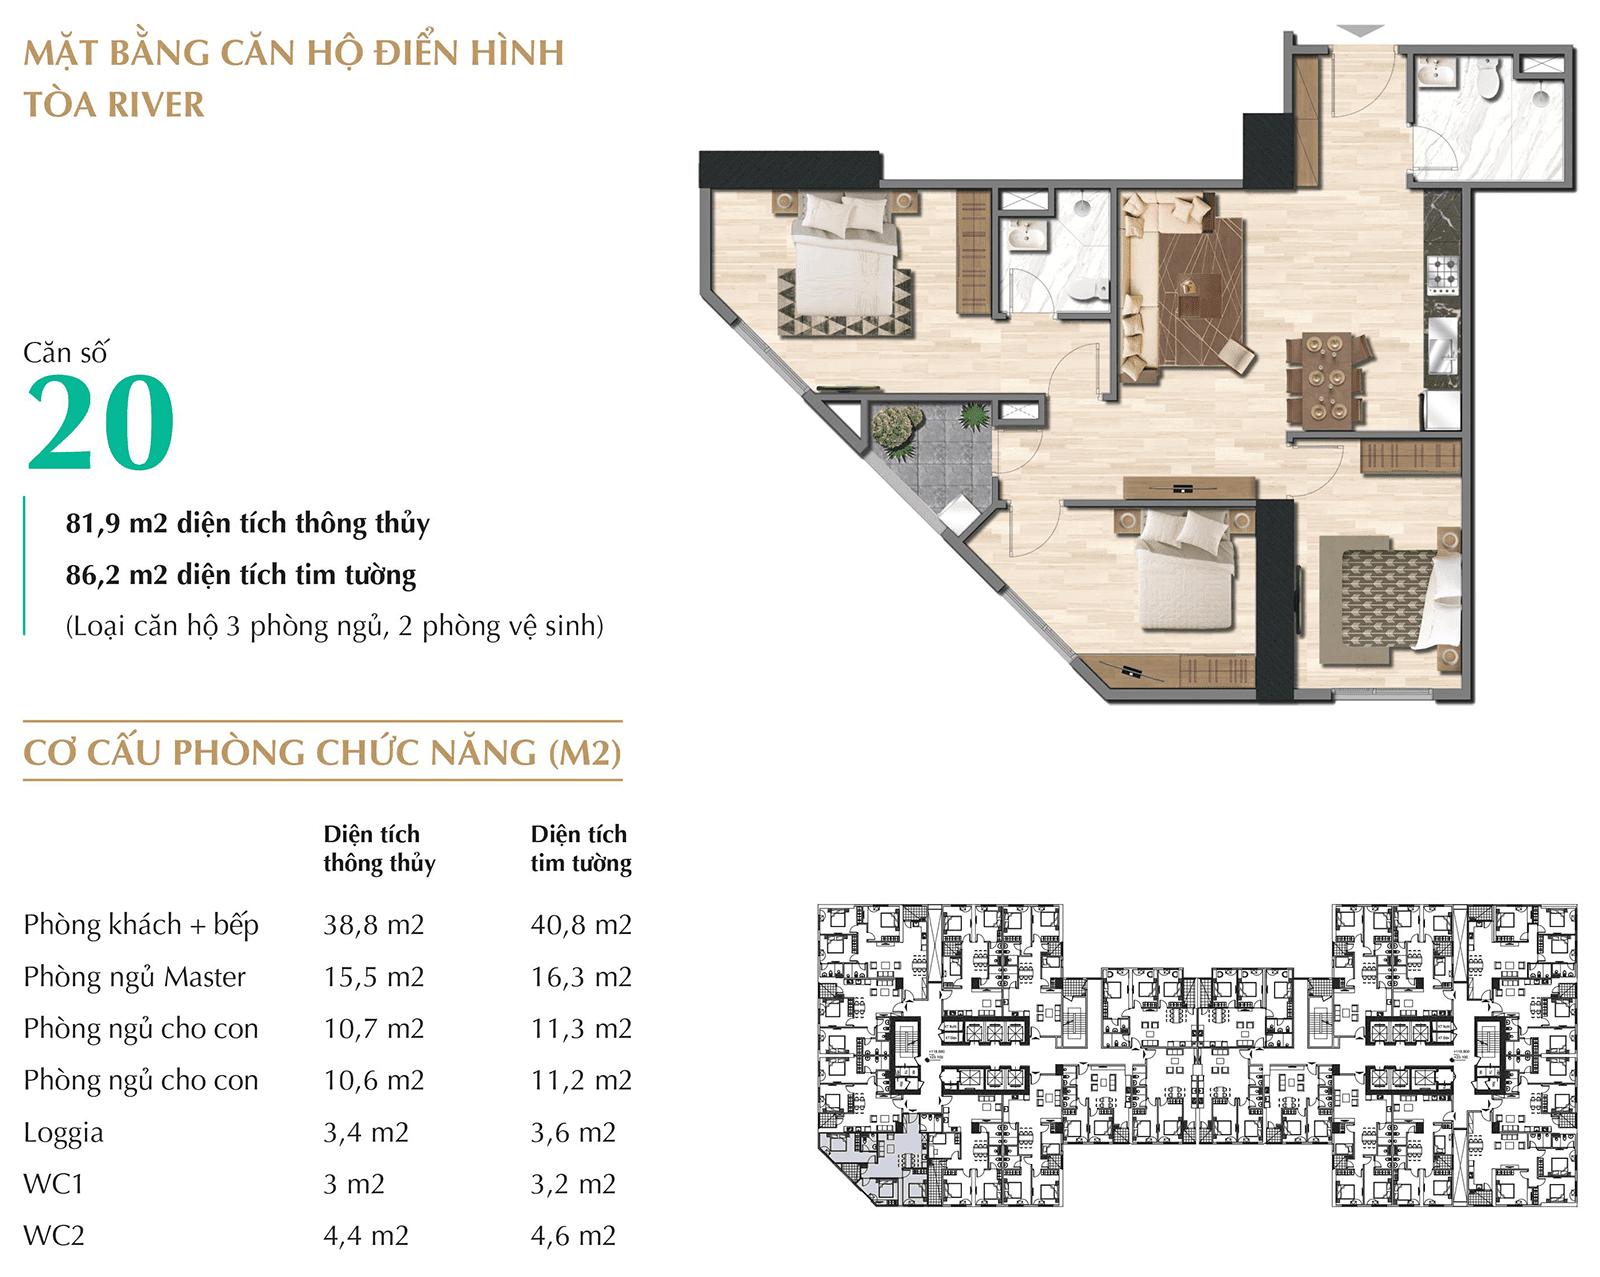 Thiết kế chi tiết mặt bằng căn hộ tòa Park River - Eurowindow River Park